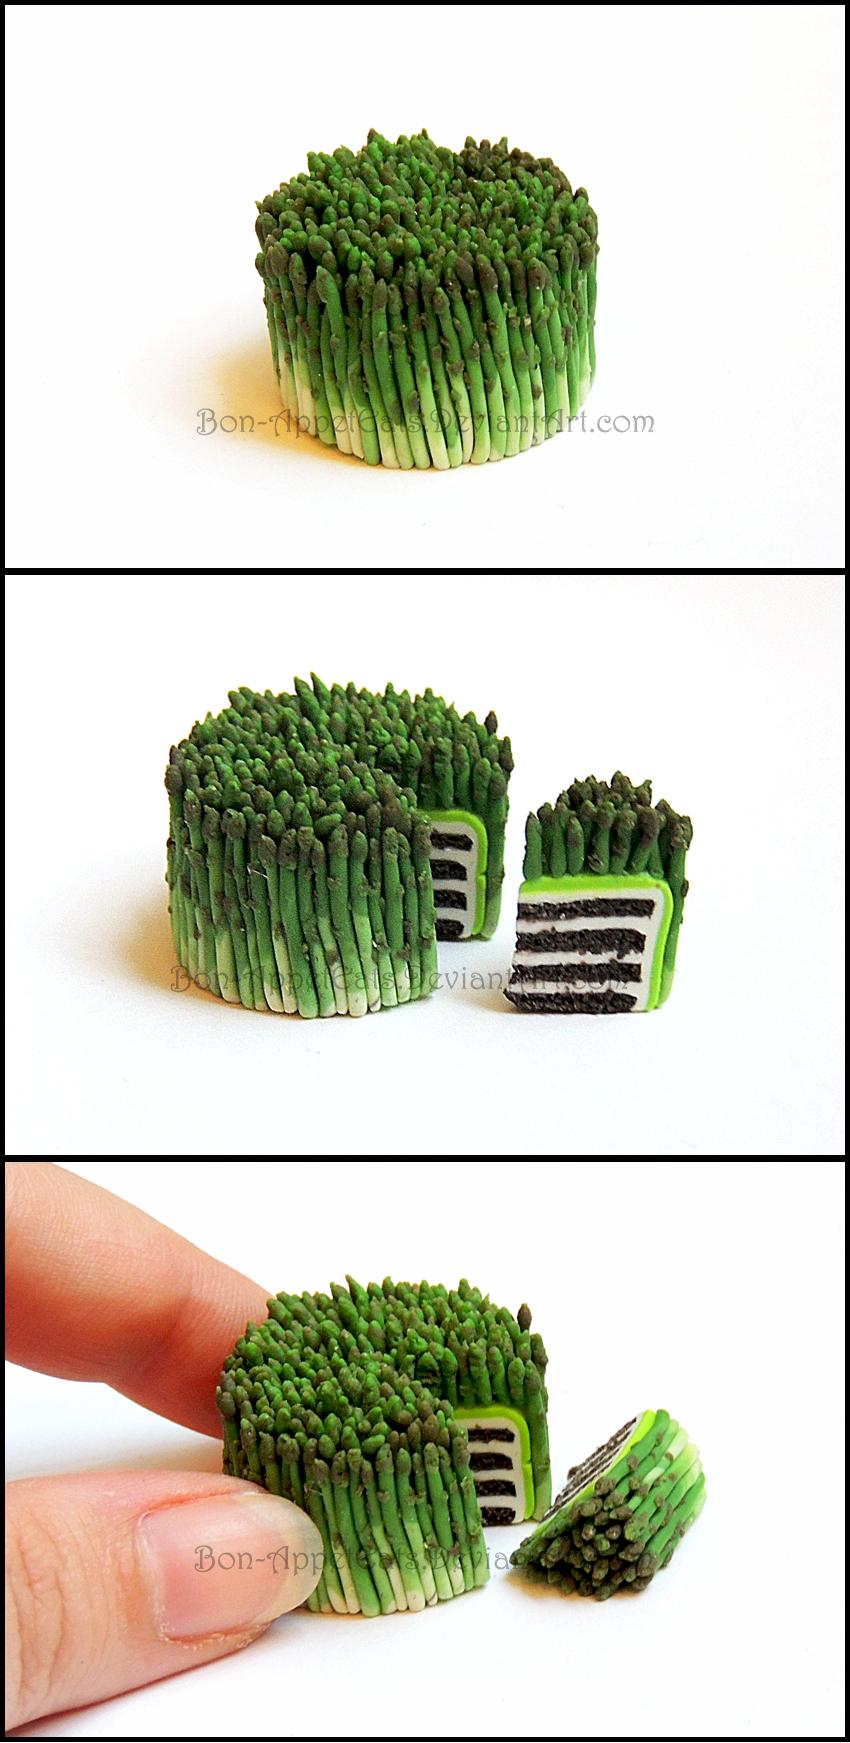 Miniature Asparagus Cake by Bon-AppetEats